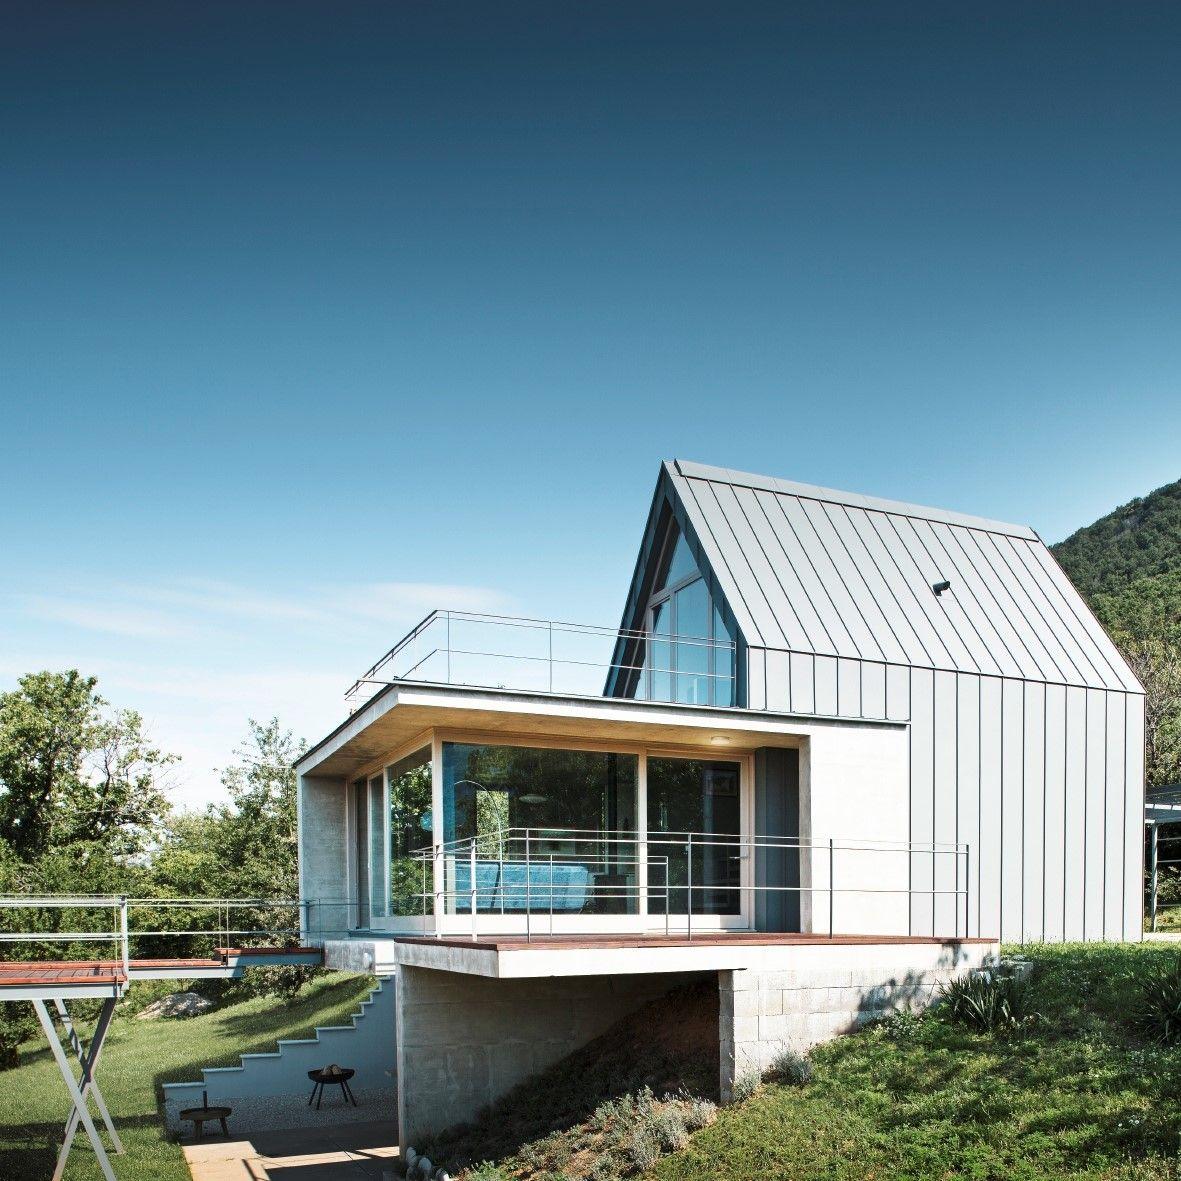 Dieses Moderne Einfamilienhaus In Hanglage Besticht Mit Dem